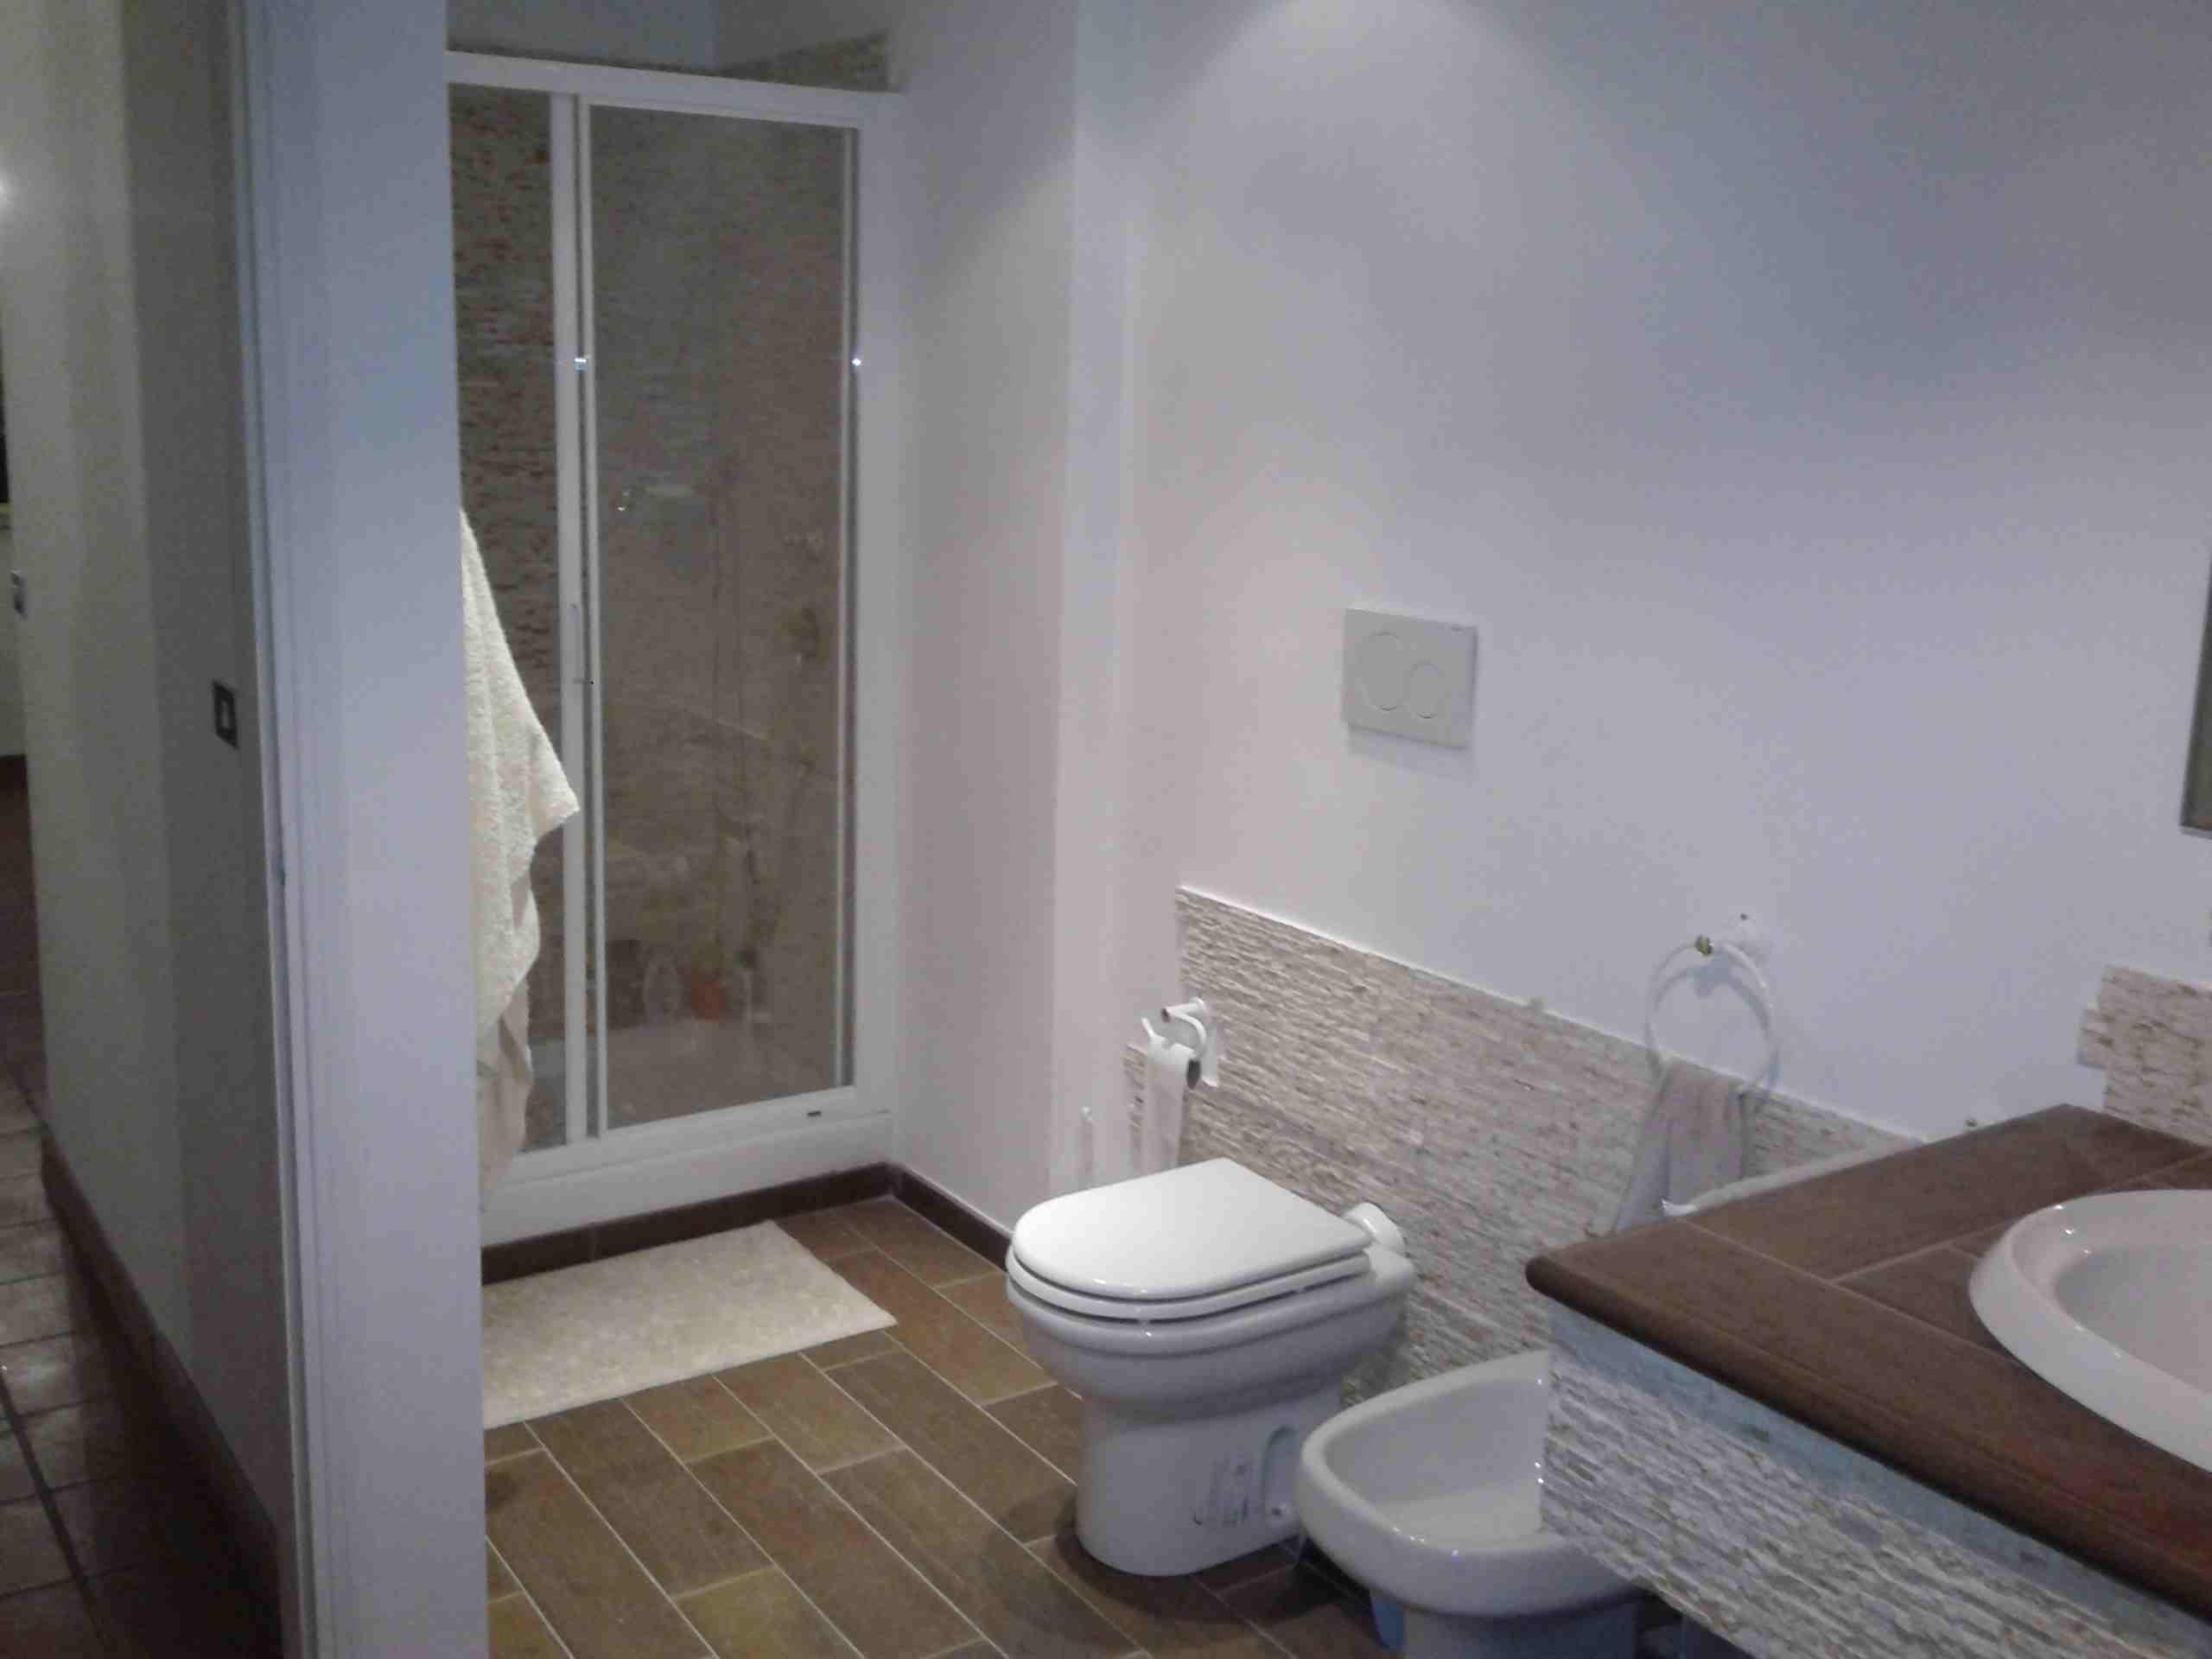 Ristrutturazione interna di una villa latina fr lucidi - Descrizione di una camera da letto ...